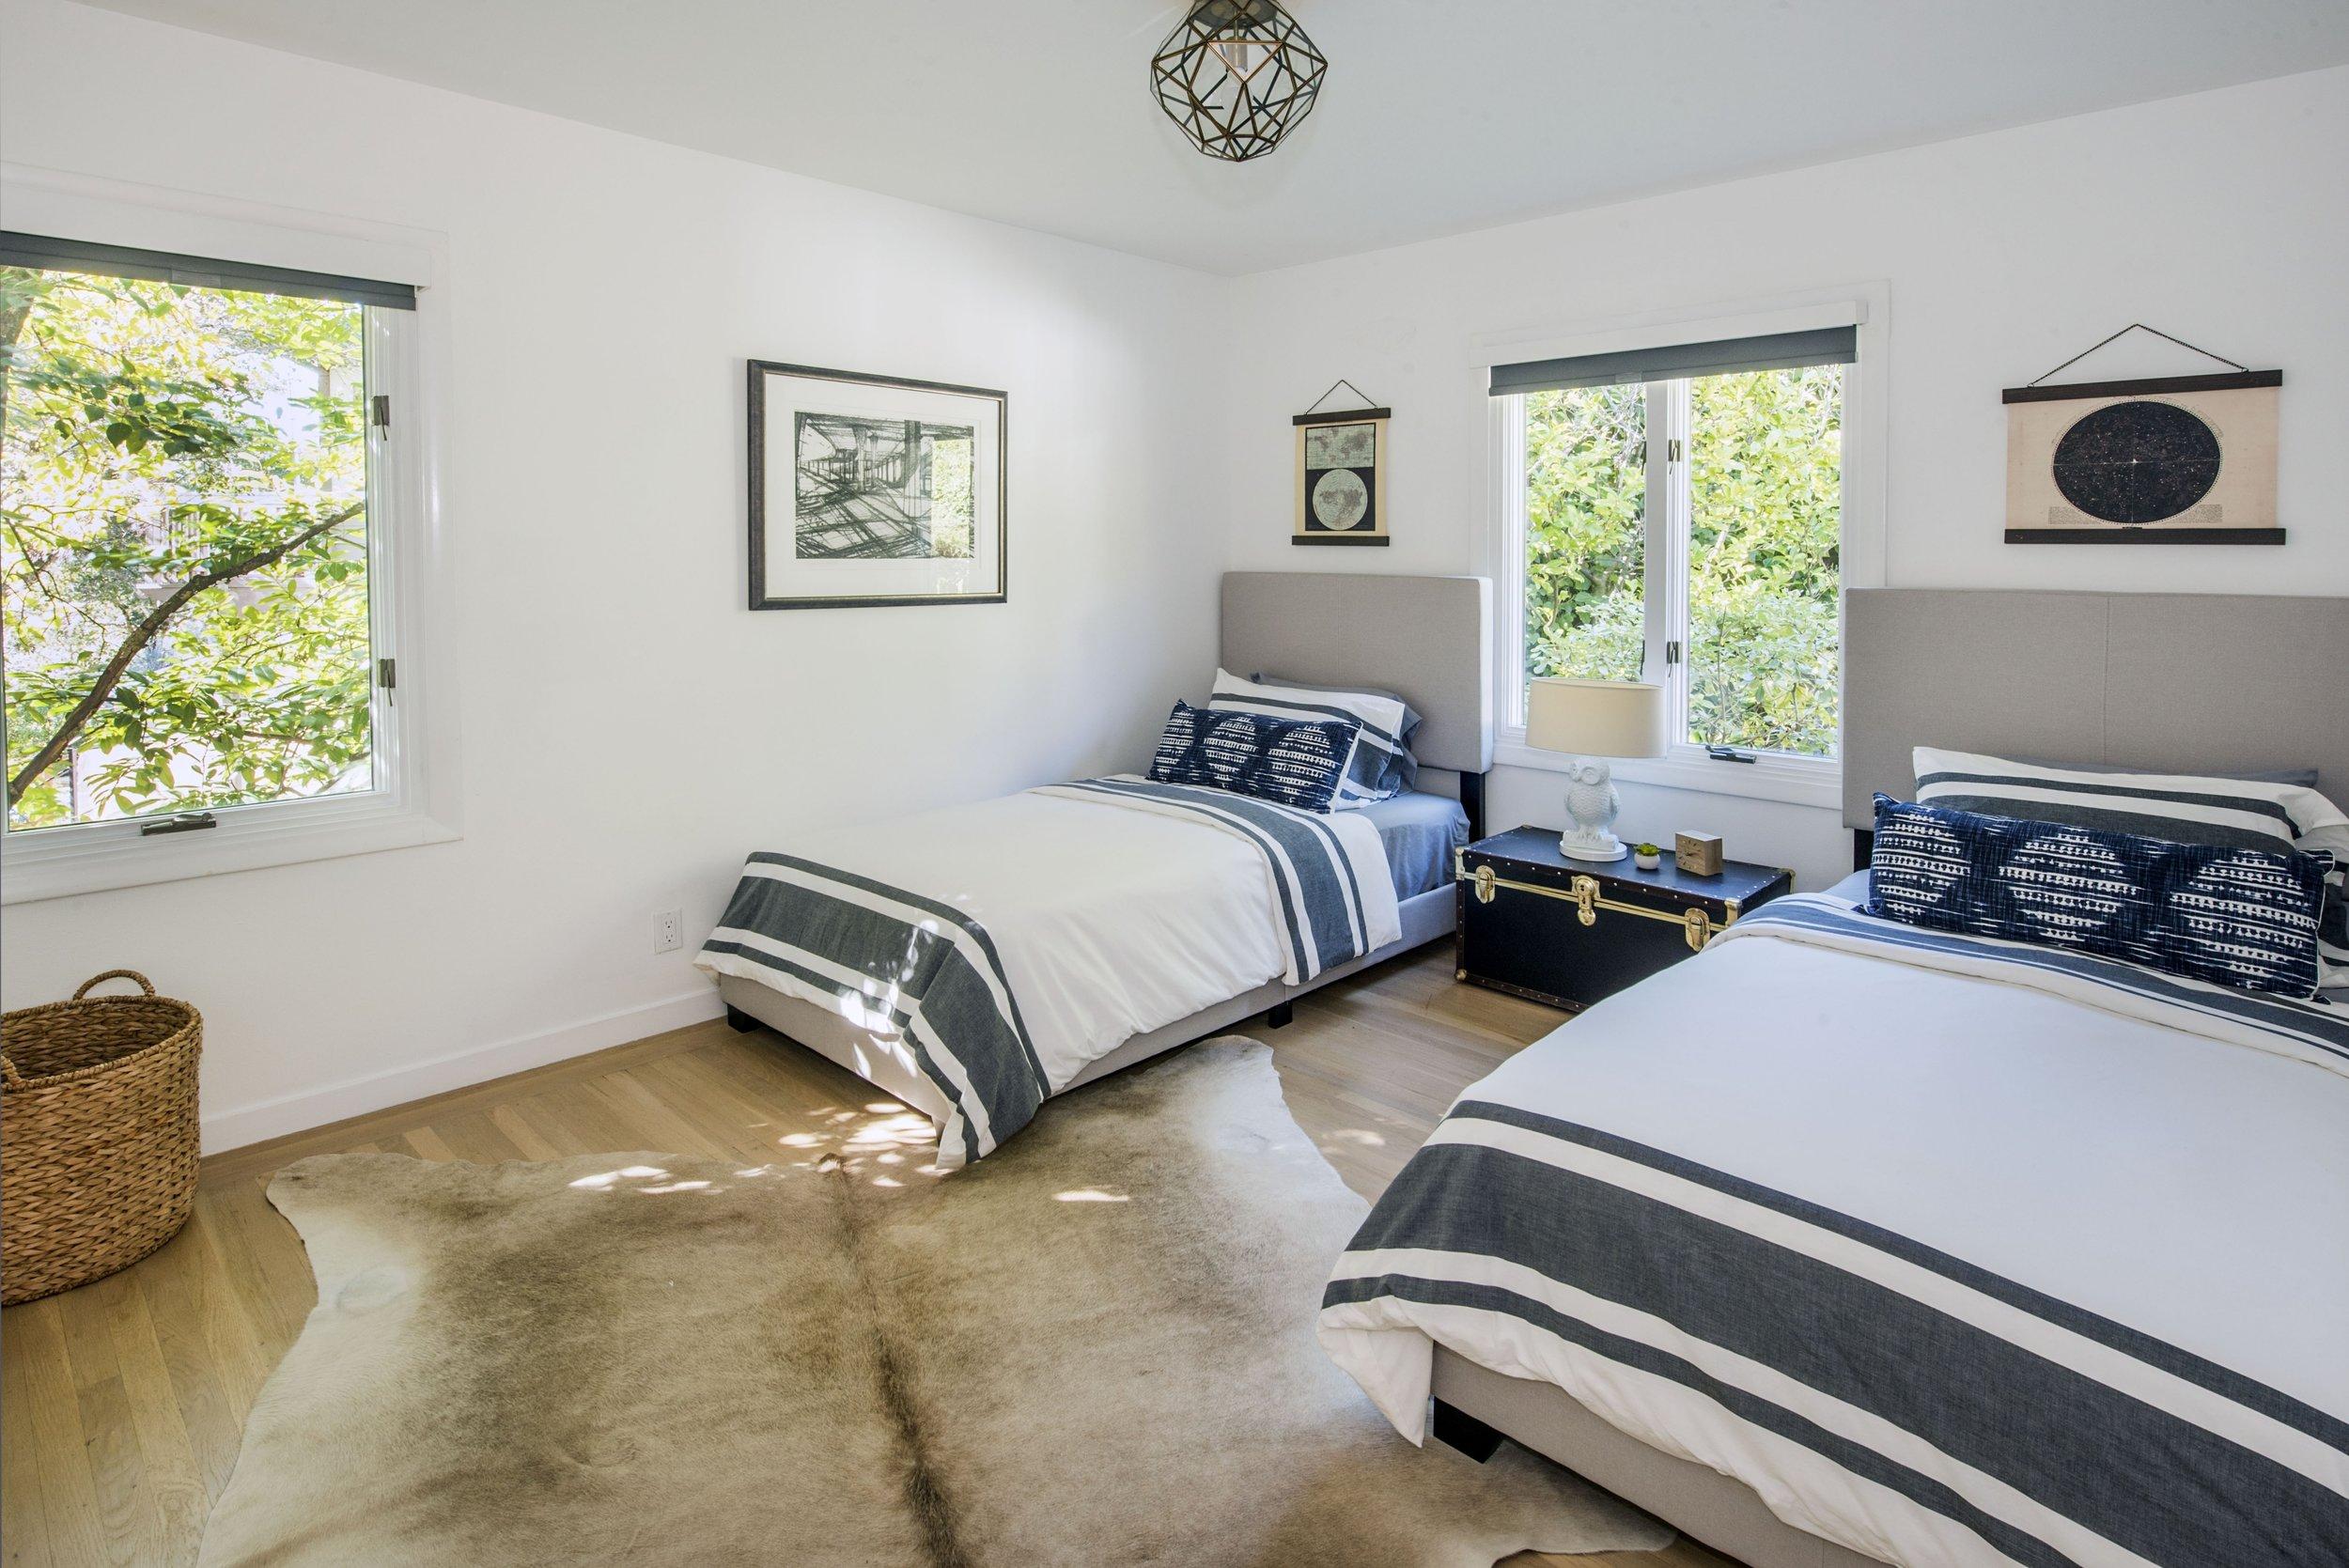 Bedroom_DSC_3736.jpg